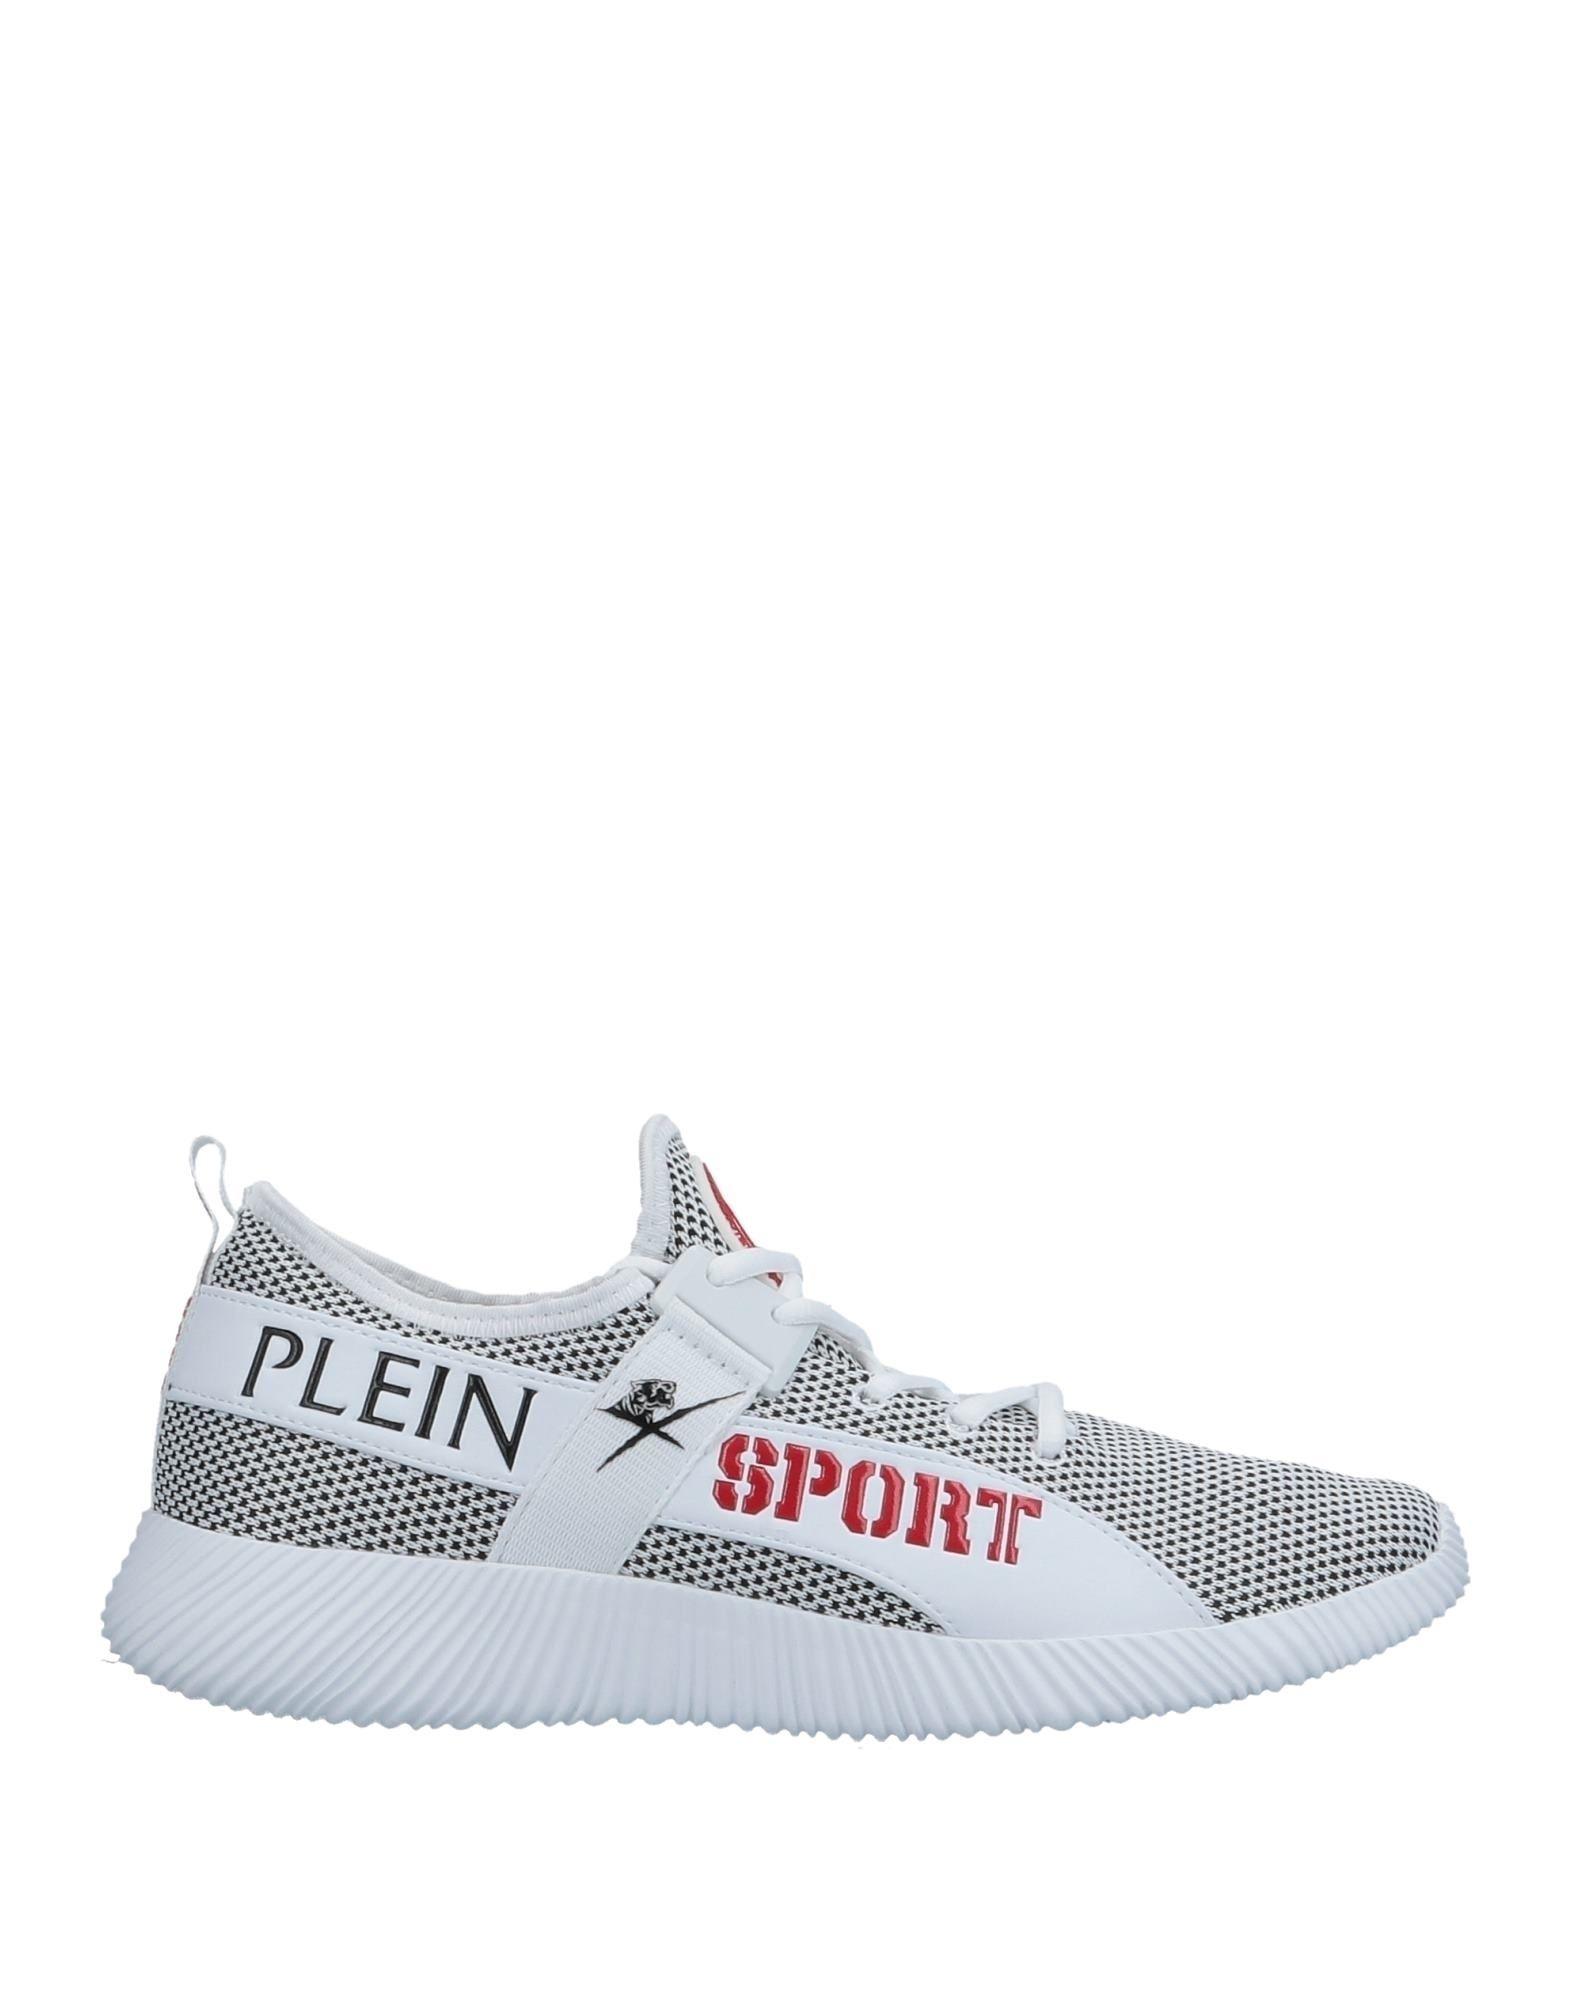 Plein Sport Sneakers Herren beliebte  11511454PG Gute Qualität beliebte Herren Schuhe ce2d68